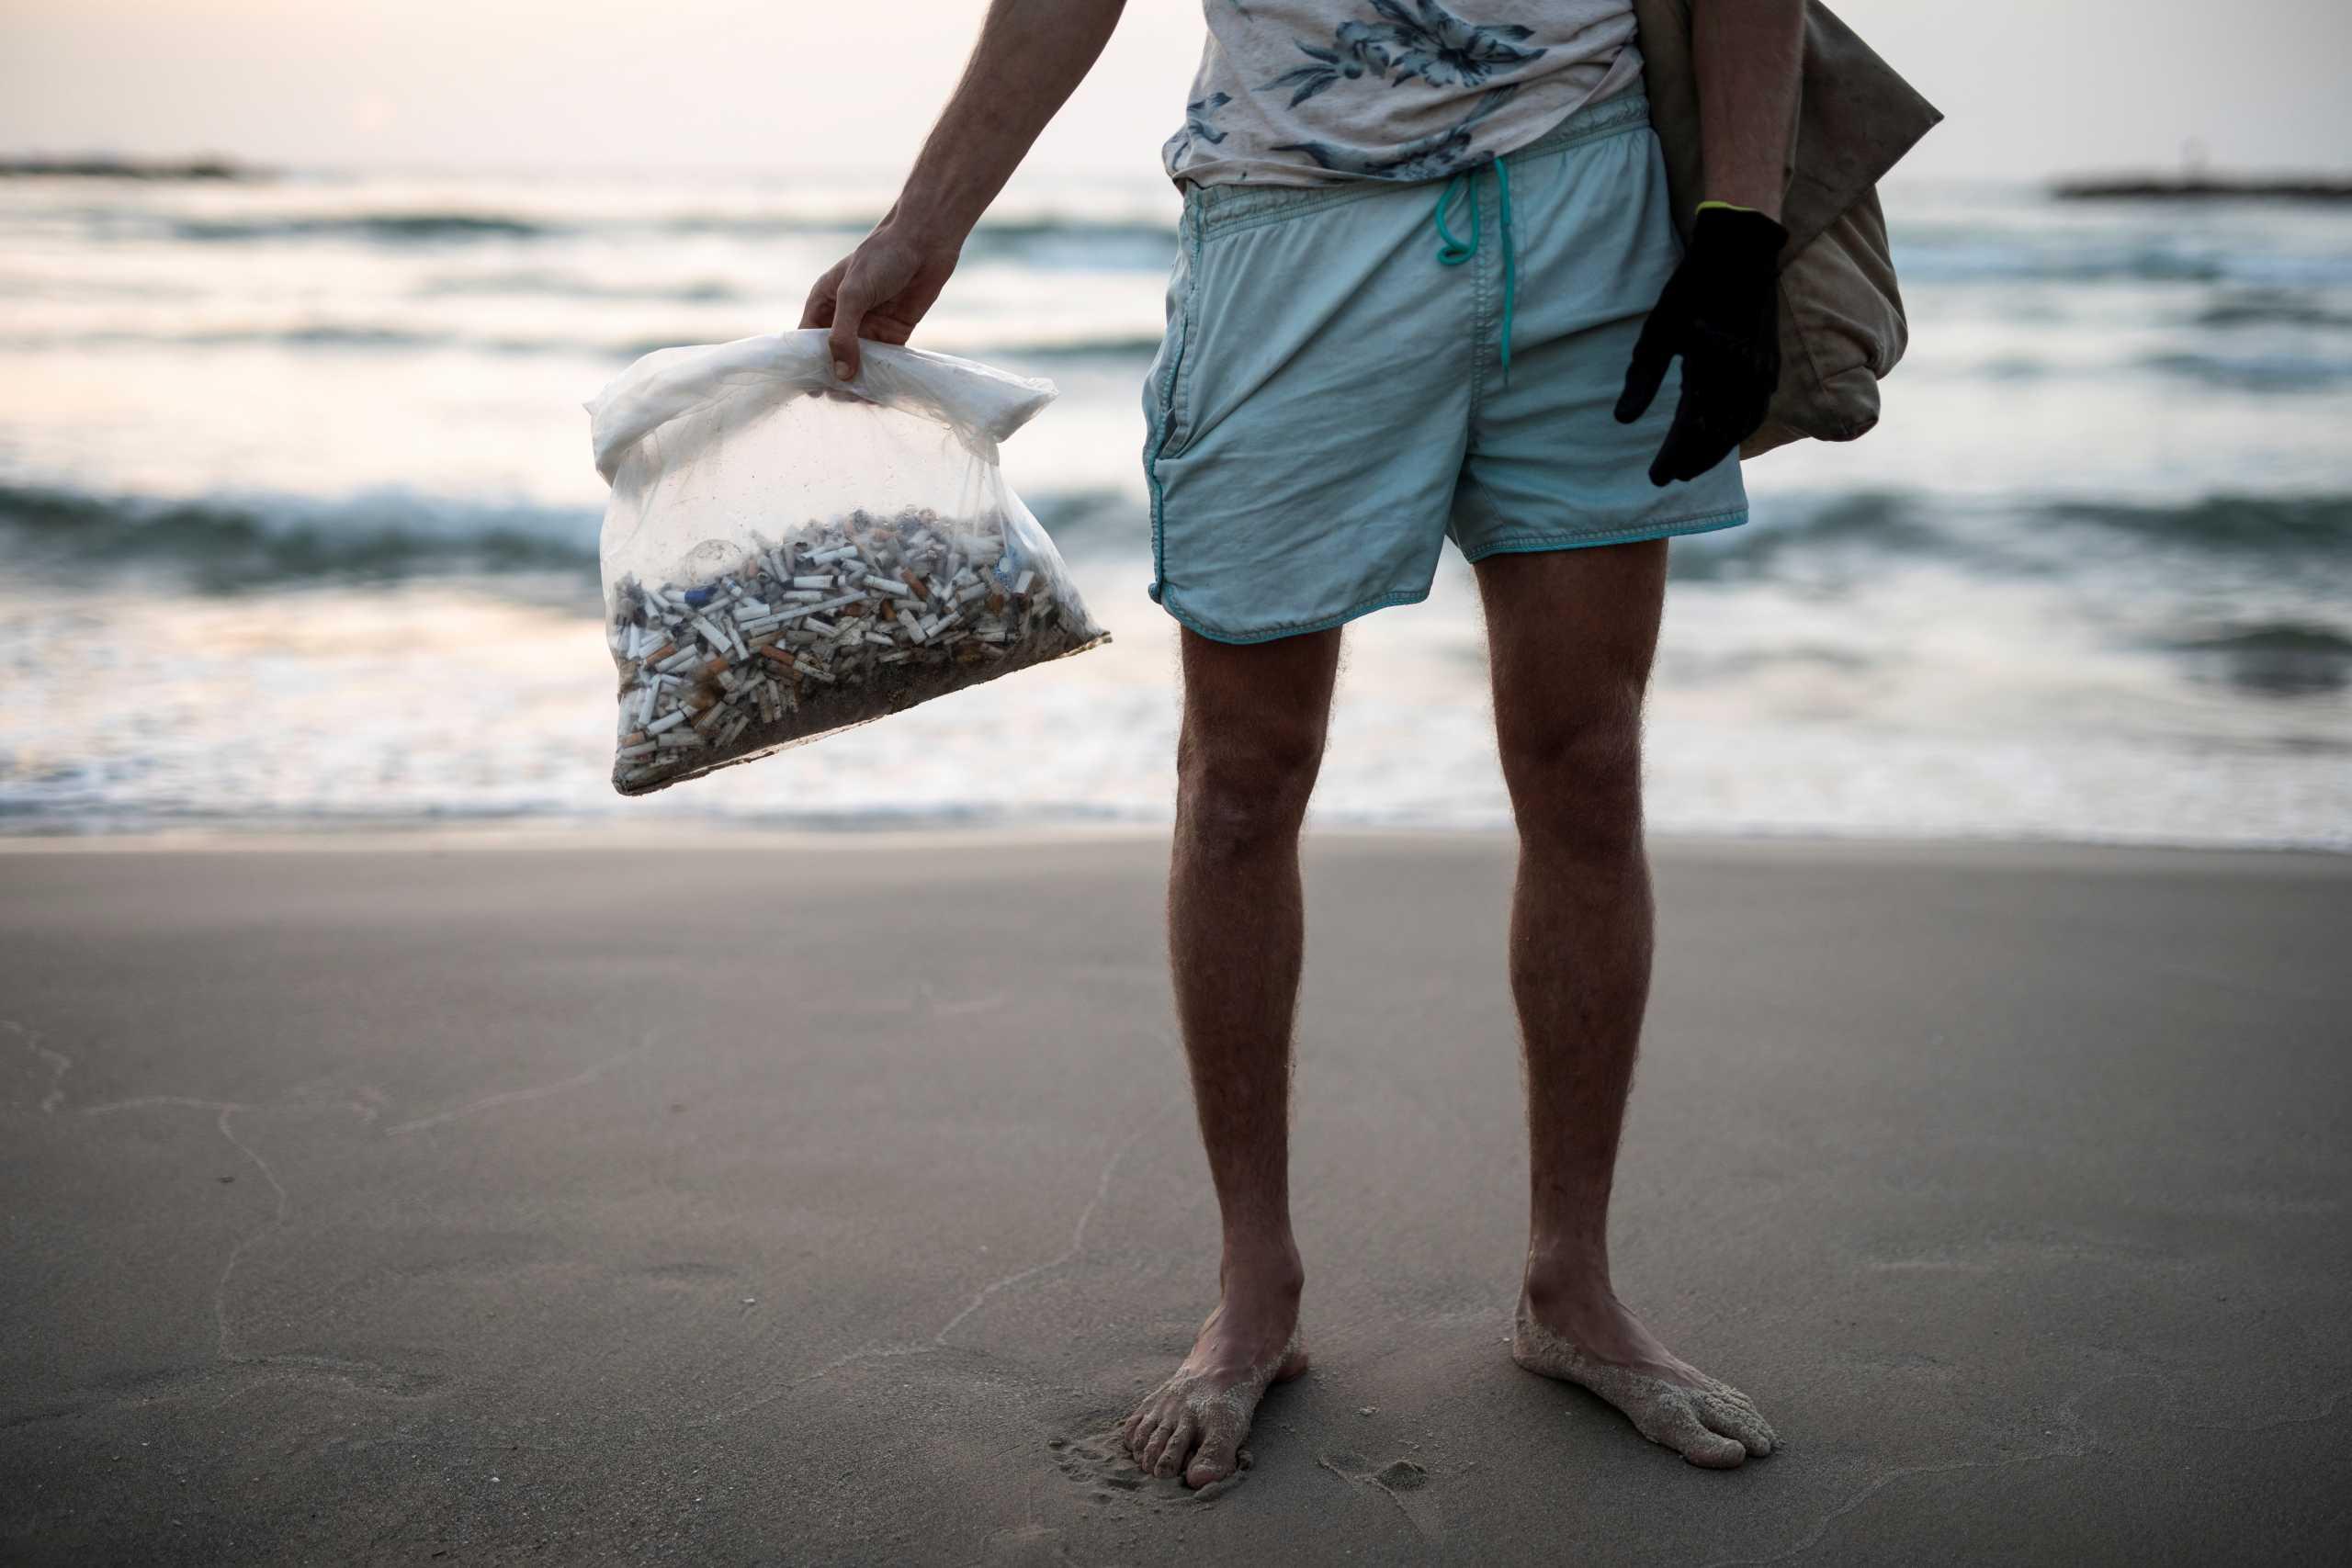 Μαζεύει αποτσίγαρα από τις παραλίες και κερδίζει χιλιάδες ευρώ το καλοκαίρι (pics)